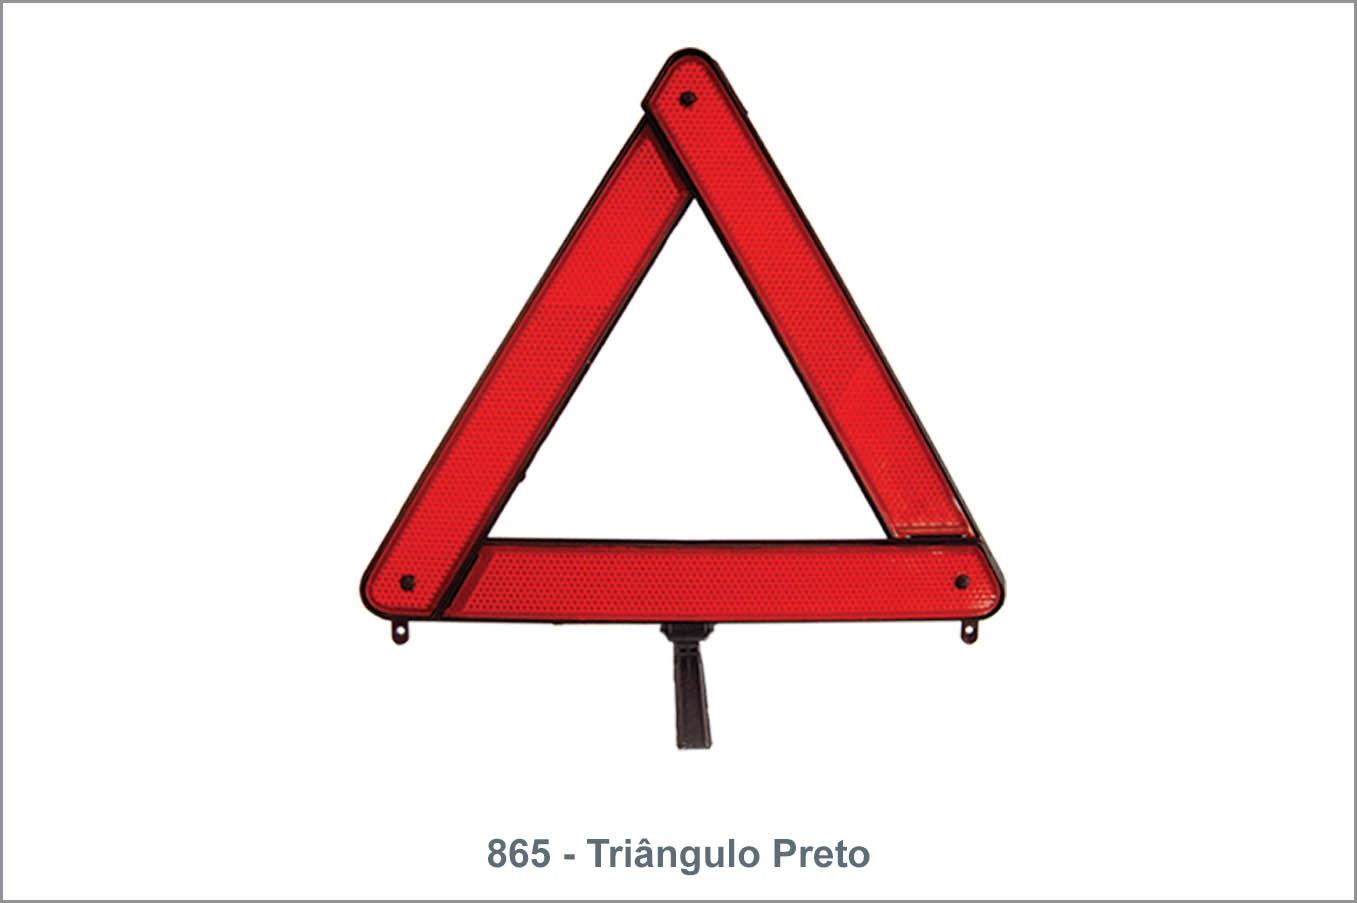 865 Triângulo Preto